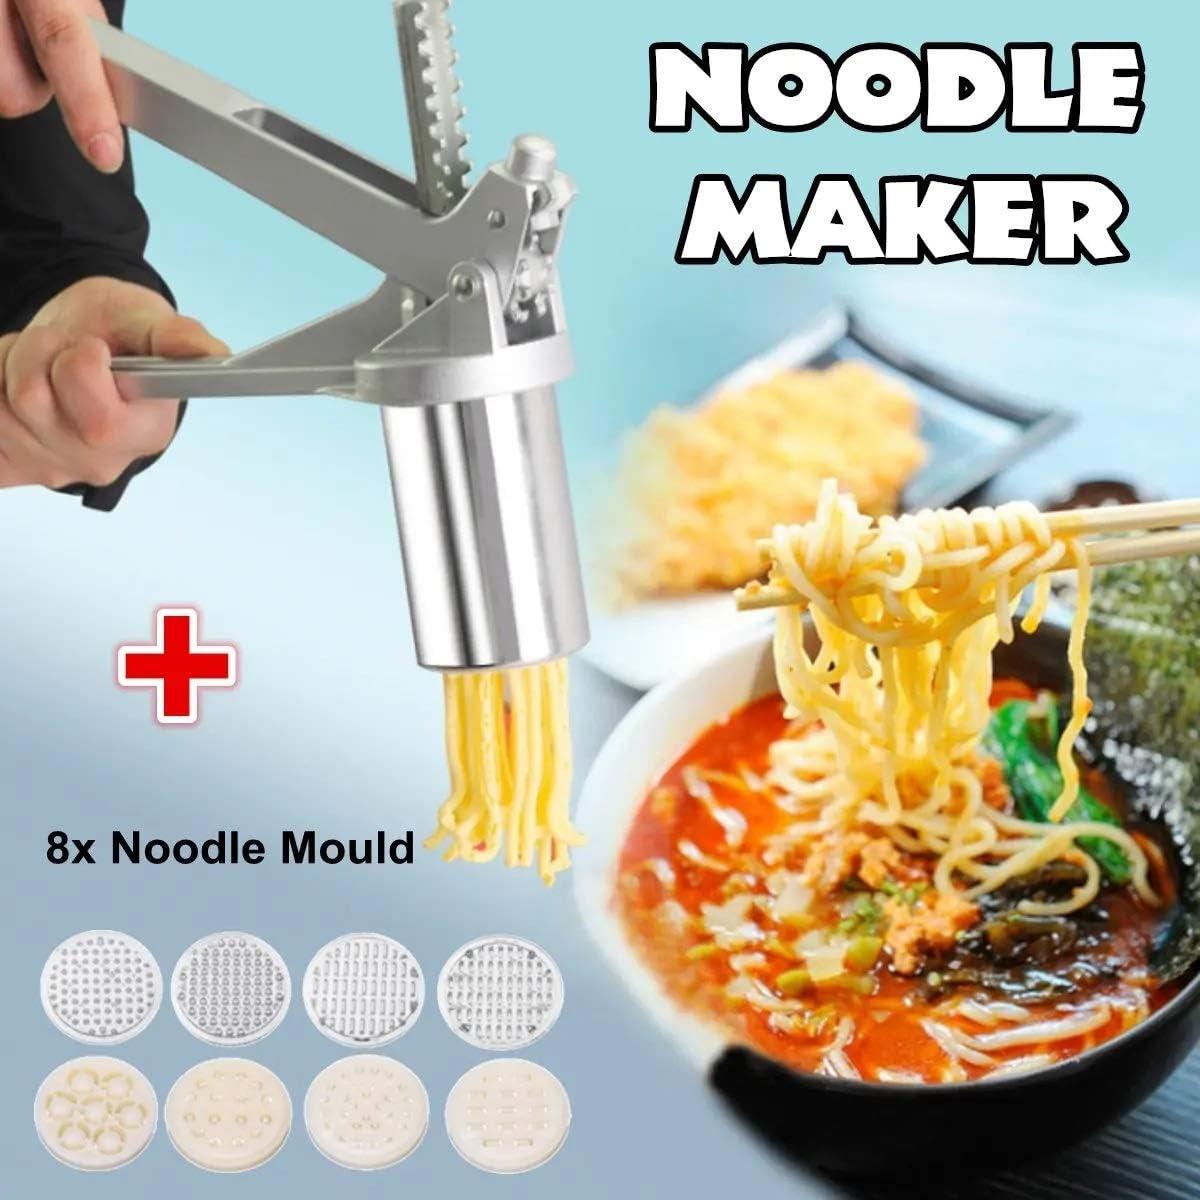 Compra ZDAMN Máquina de Pasta Acero Inoxidable Fabricante de tallarines de Las pastas de Frutas Exprimidor Prensa Espaguetis Robot de Cocina Pasta Cortador (Color : Silver, Size : One Size) en Amazon.es